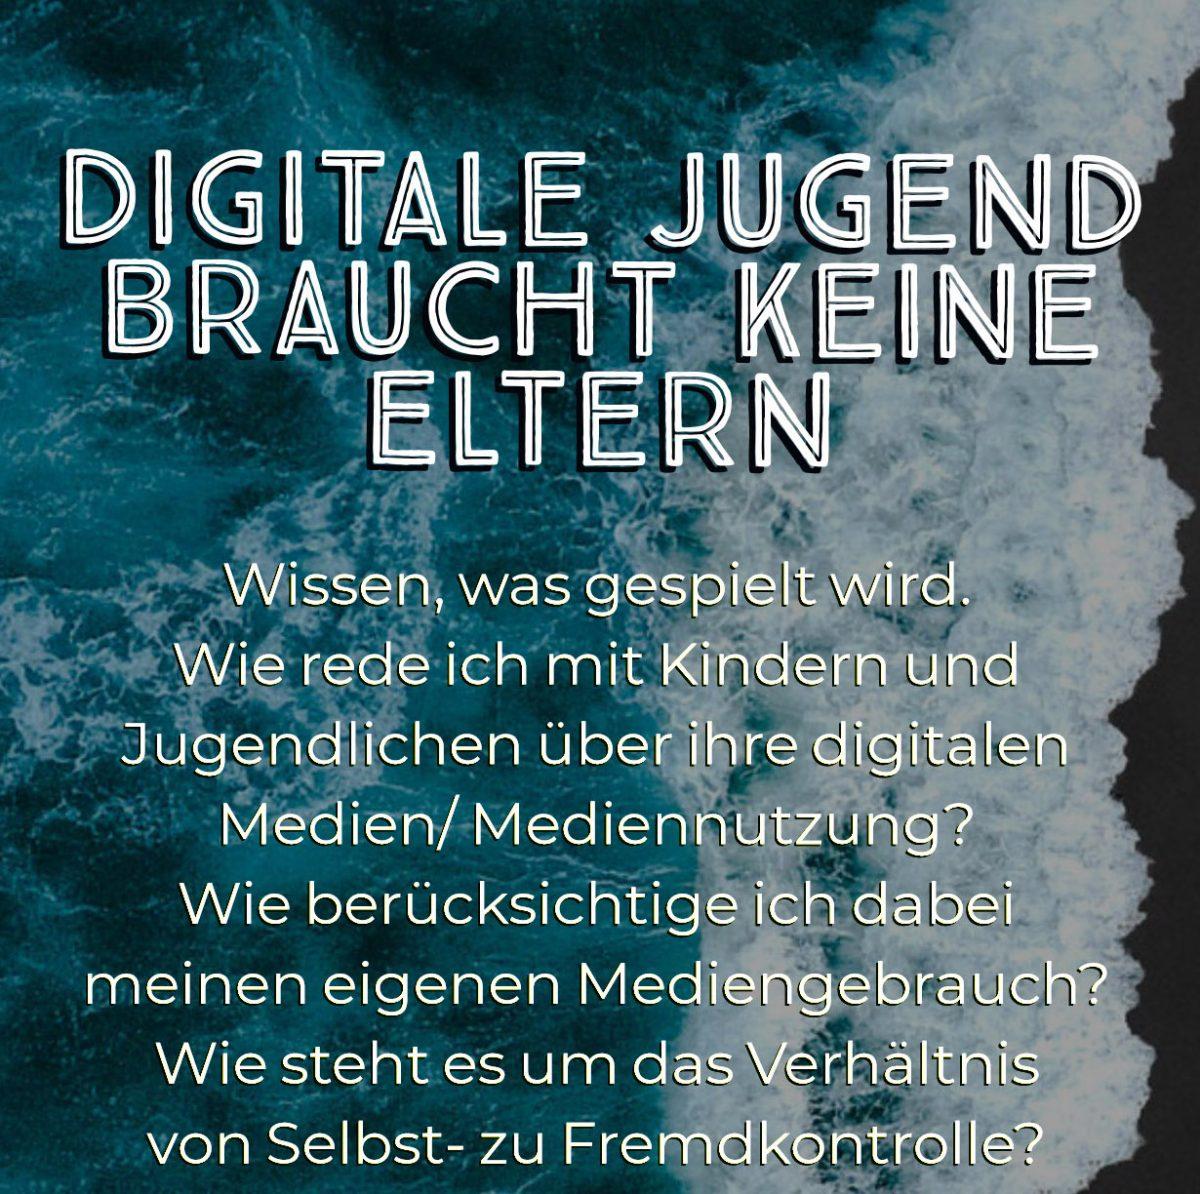 Digitale Jugend braucht keine Eltern